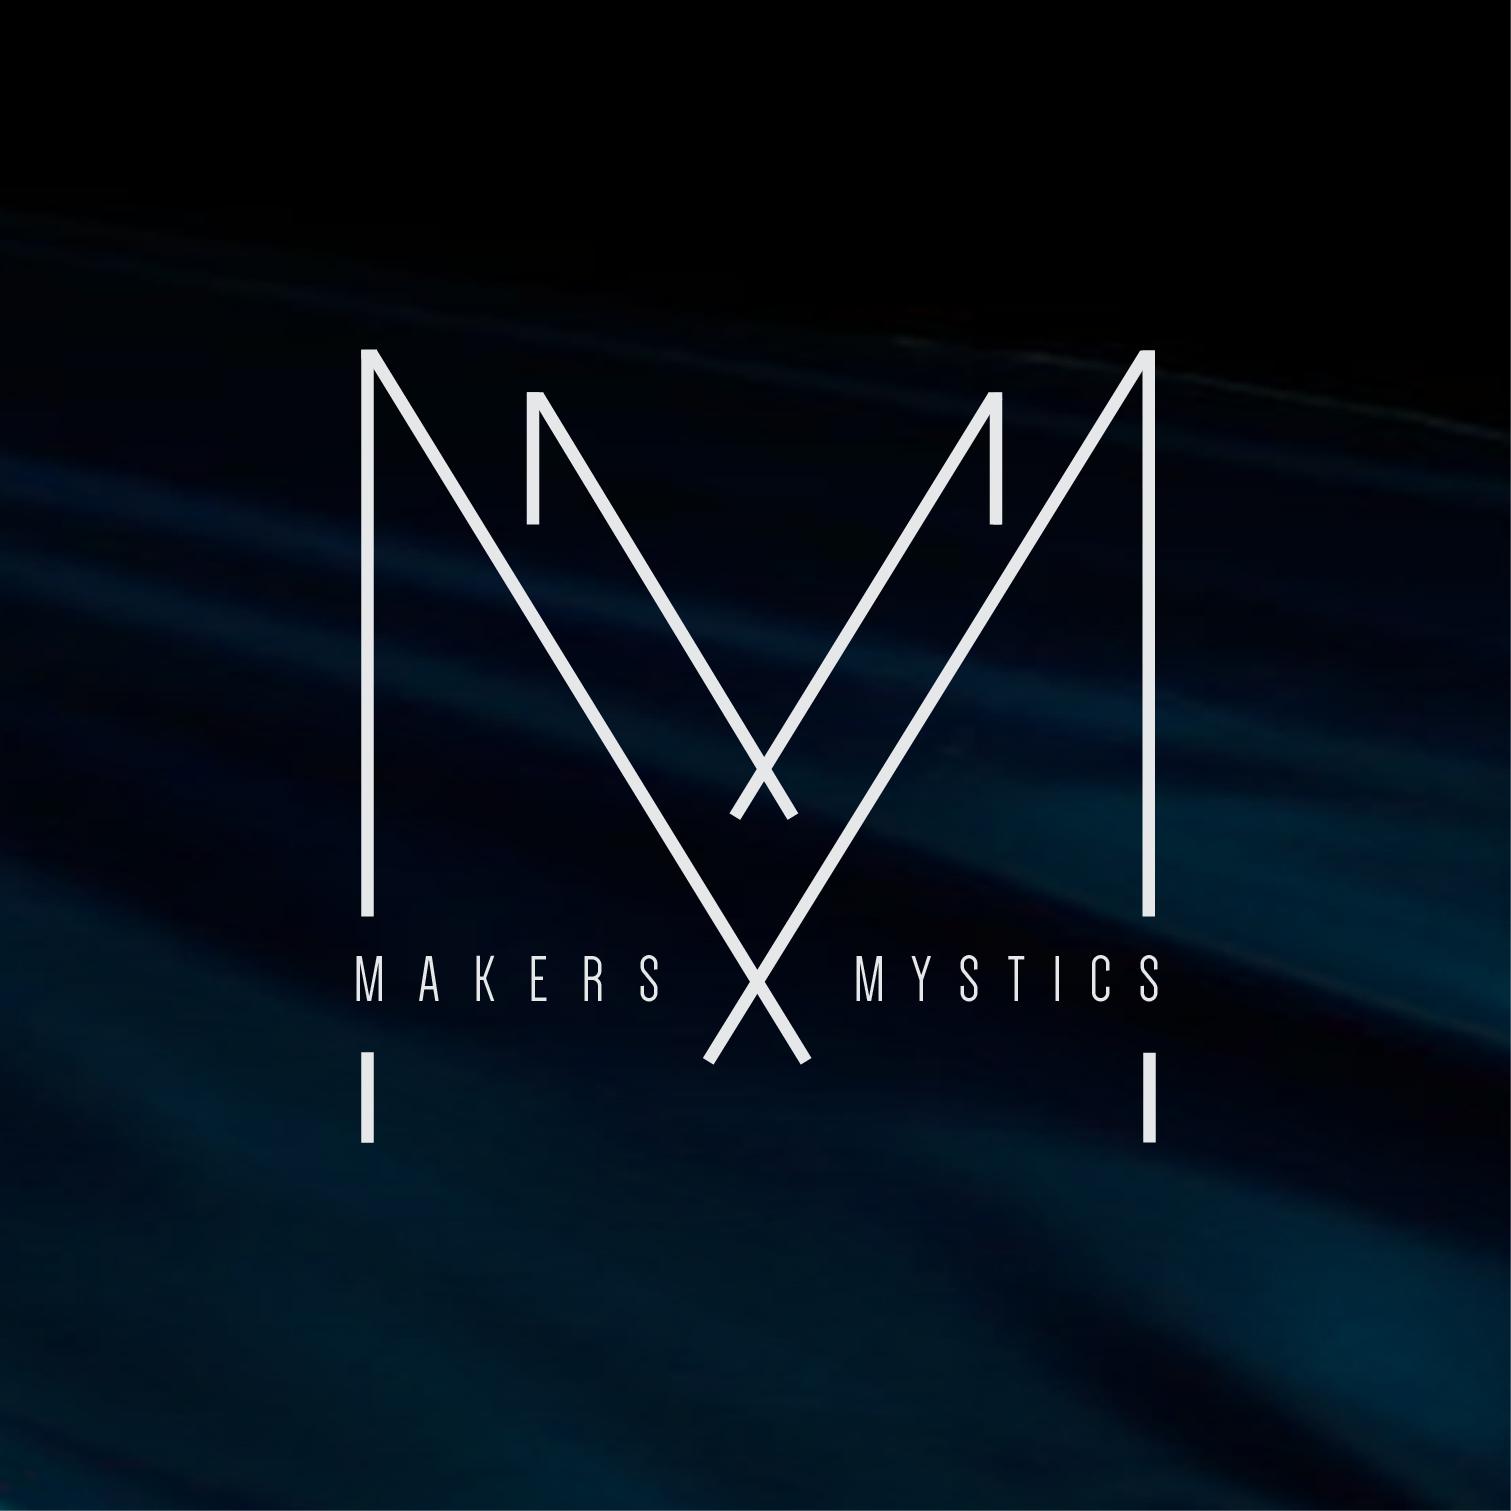 Makers and Mystics logo